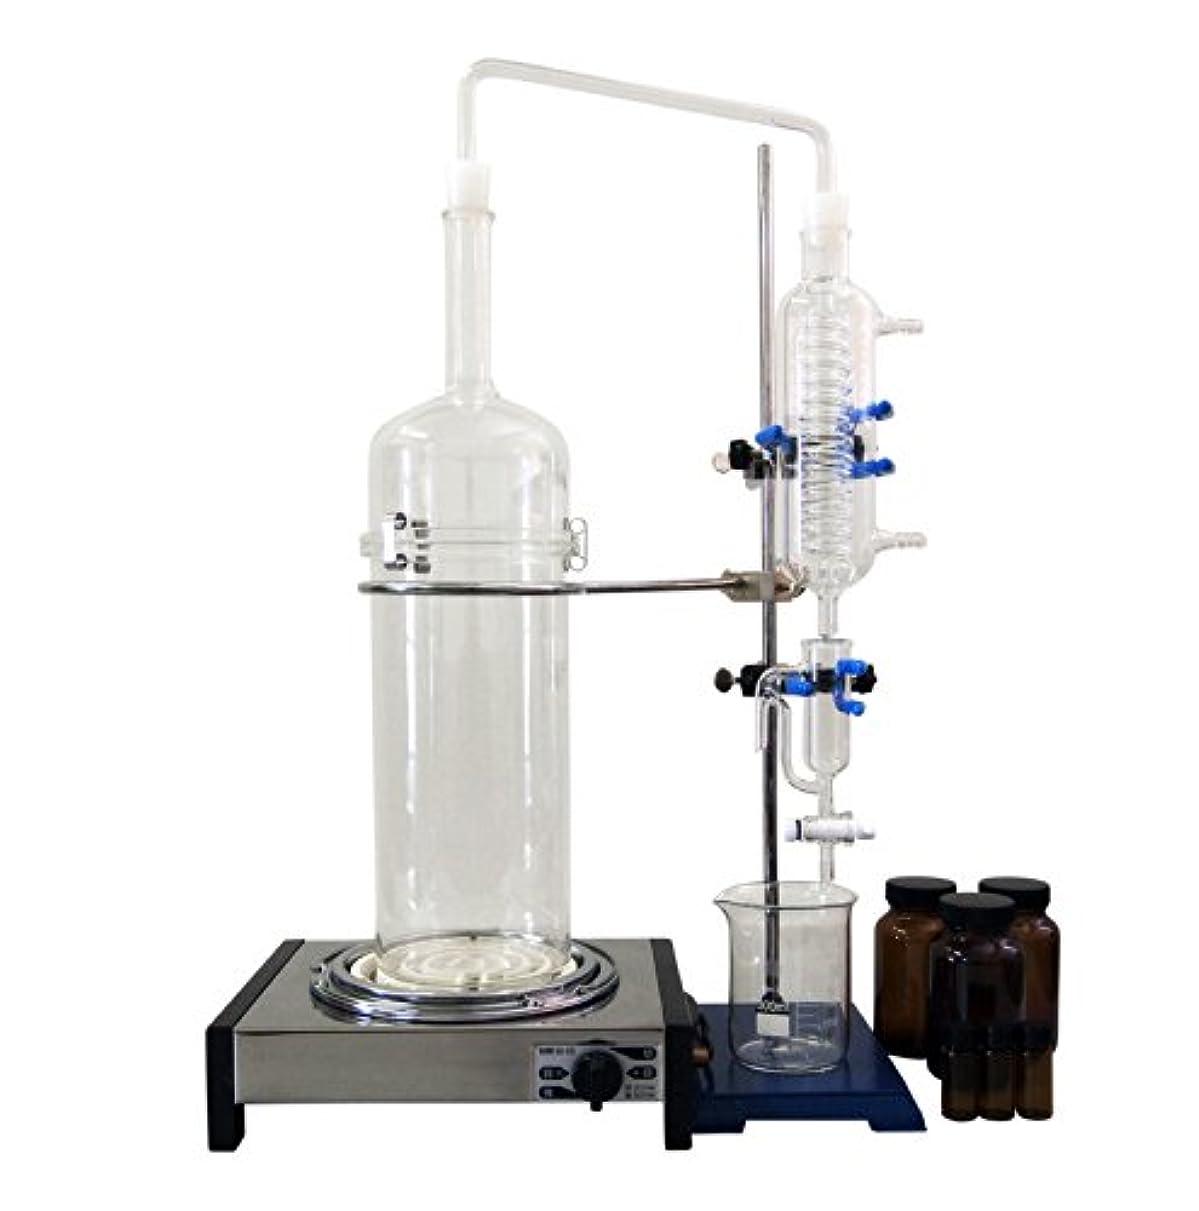 考案するうまくやる()周術期ハーブ蒸留器/ピュアスティーラーライト/K-HJ200(OilSP) 簡易水循環装置セット